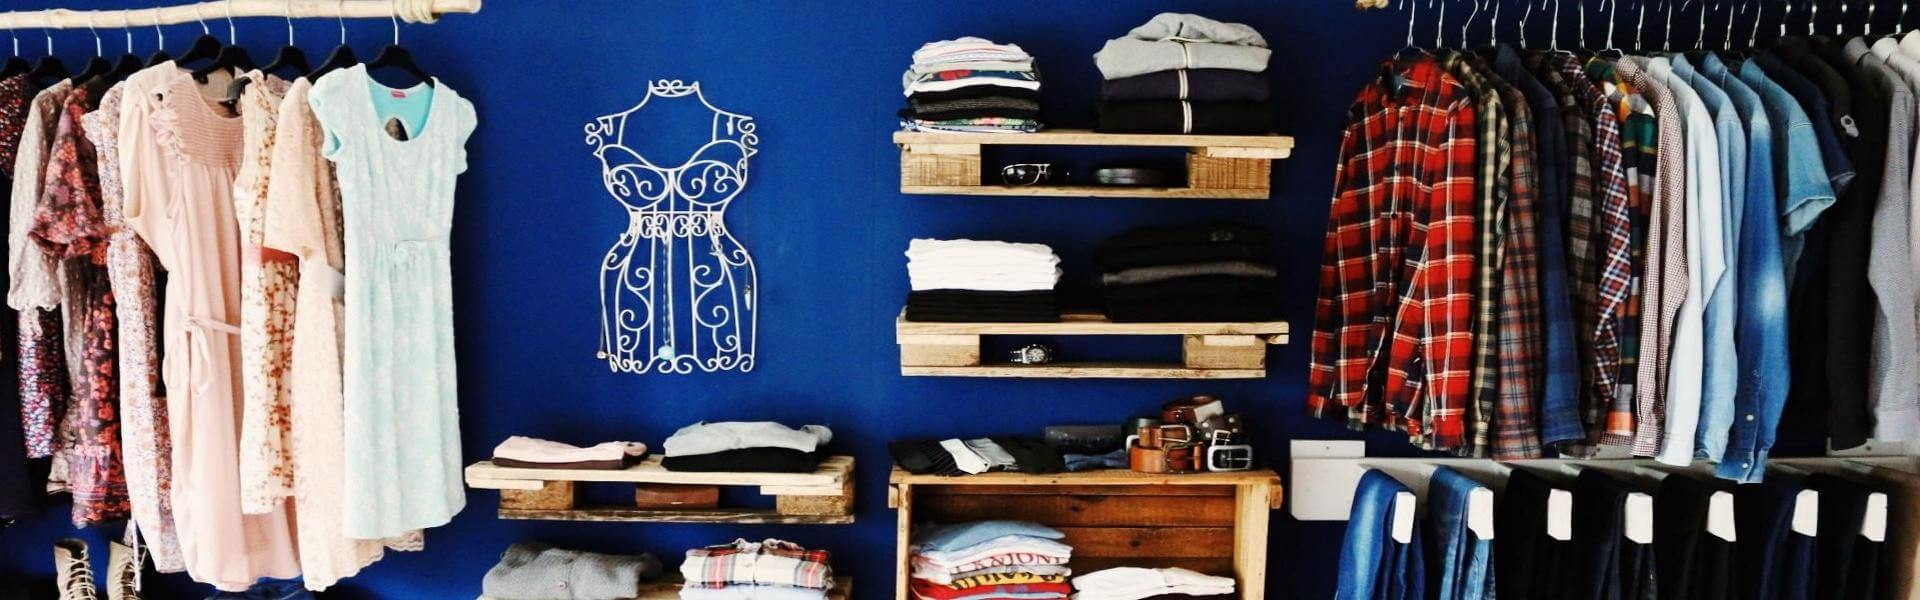 Diy Begehbarer Kleiderschrank  Begehbarer Kleiderschrank Schranksystem Wand DIY Saris